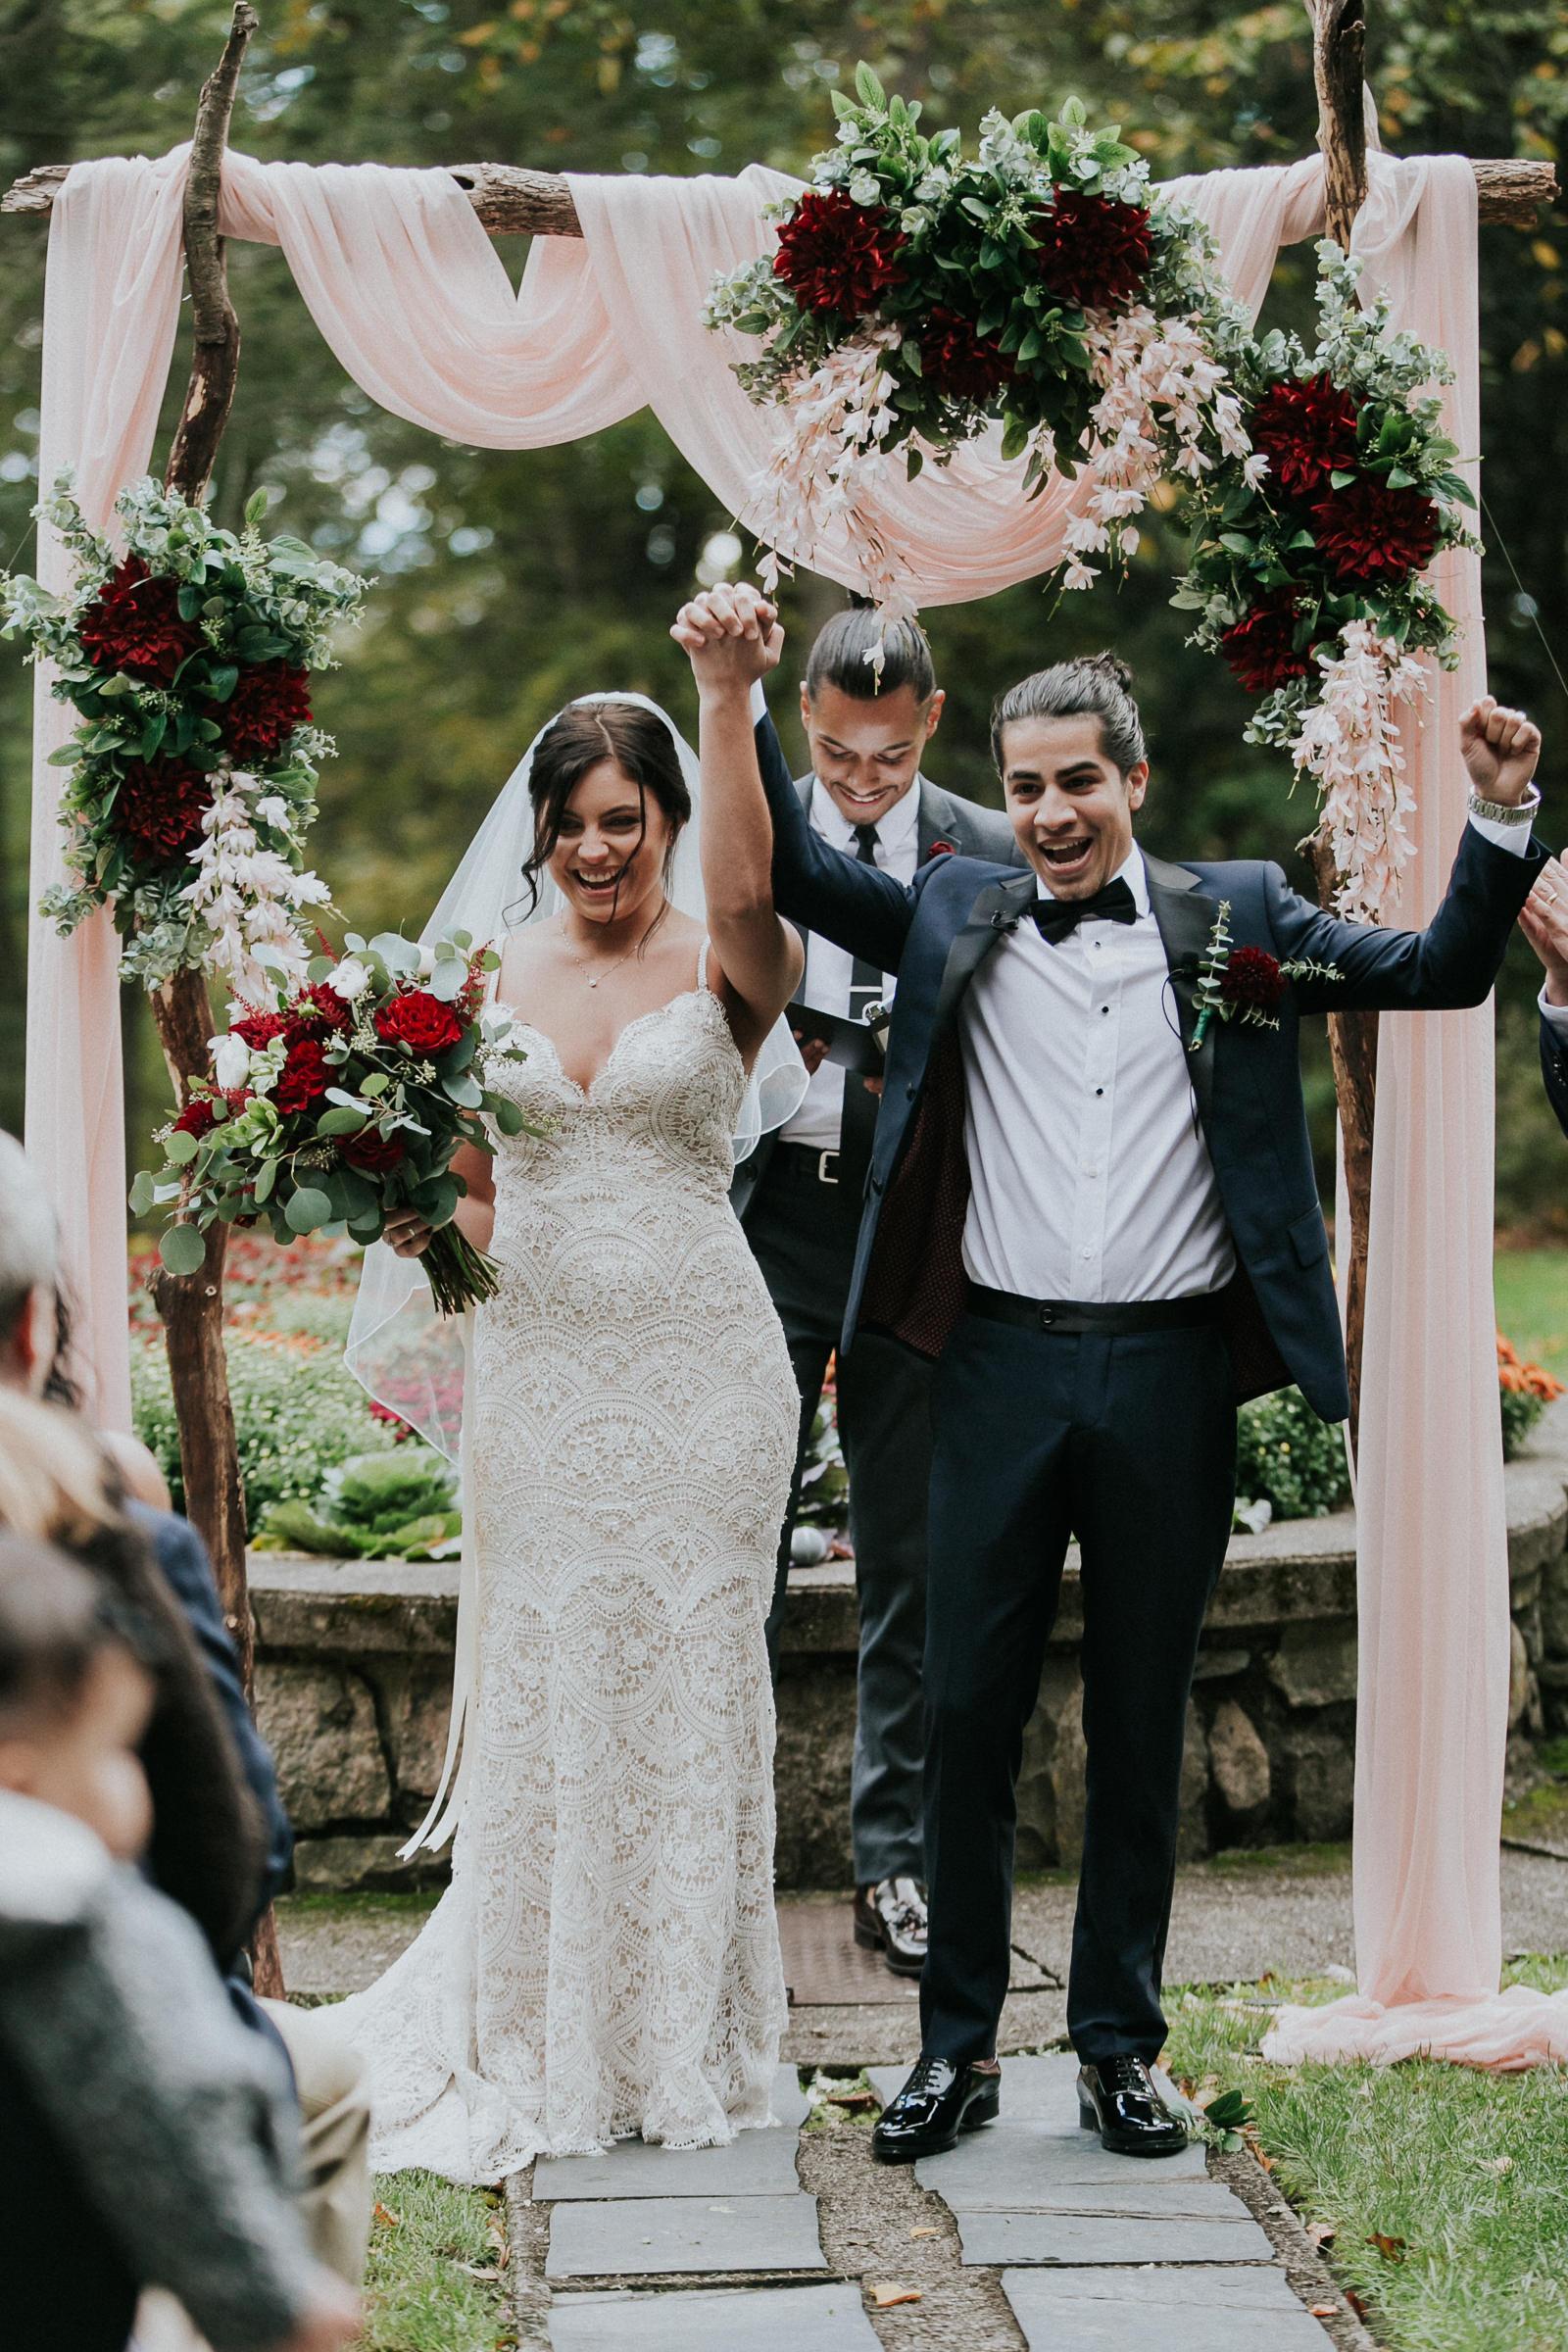 Arrow-Park-Monroe-NY-Documentary-Wedding-Photographer-58.jpg